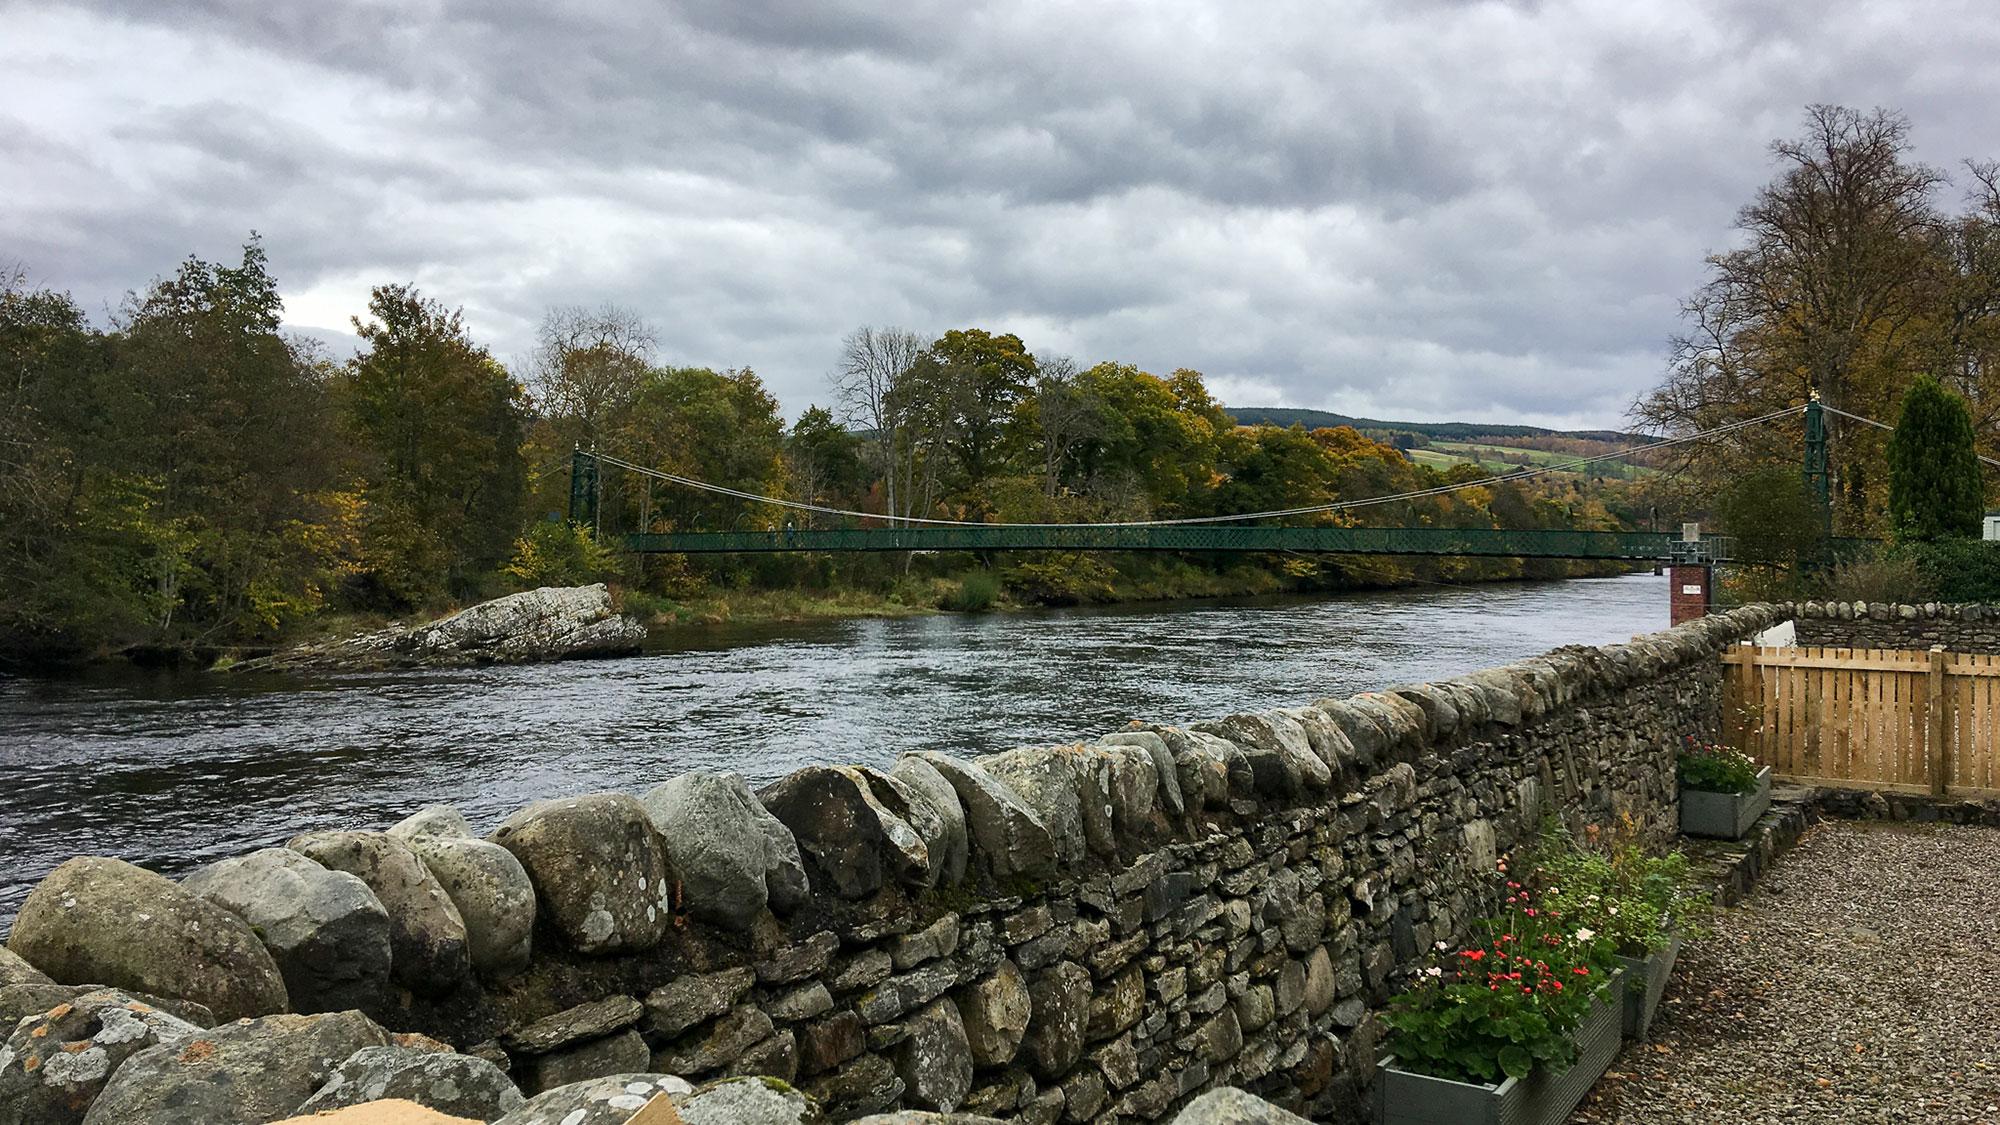 River Tummel Pitlochry hinter Steinmauer